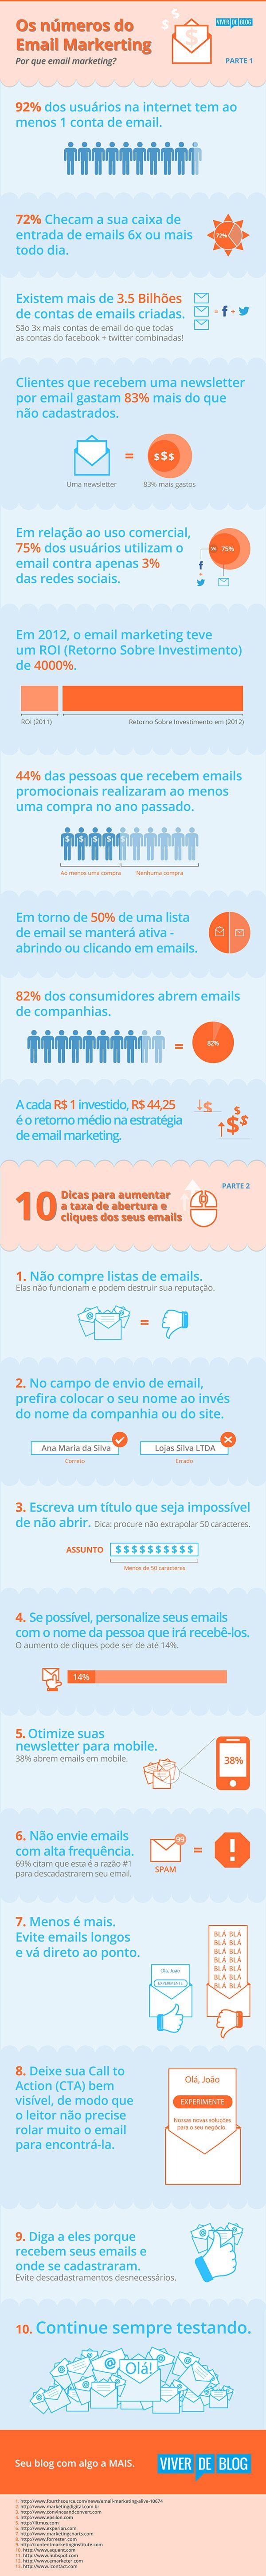 Infográfico: Os Números do Email Marketing (e 10 dicas para melhorar sua estratégia) | Source: Viver de Blog